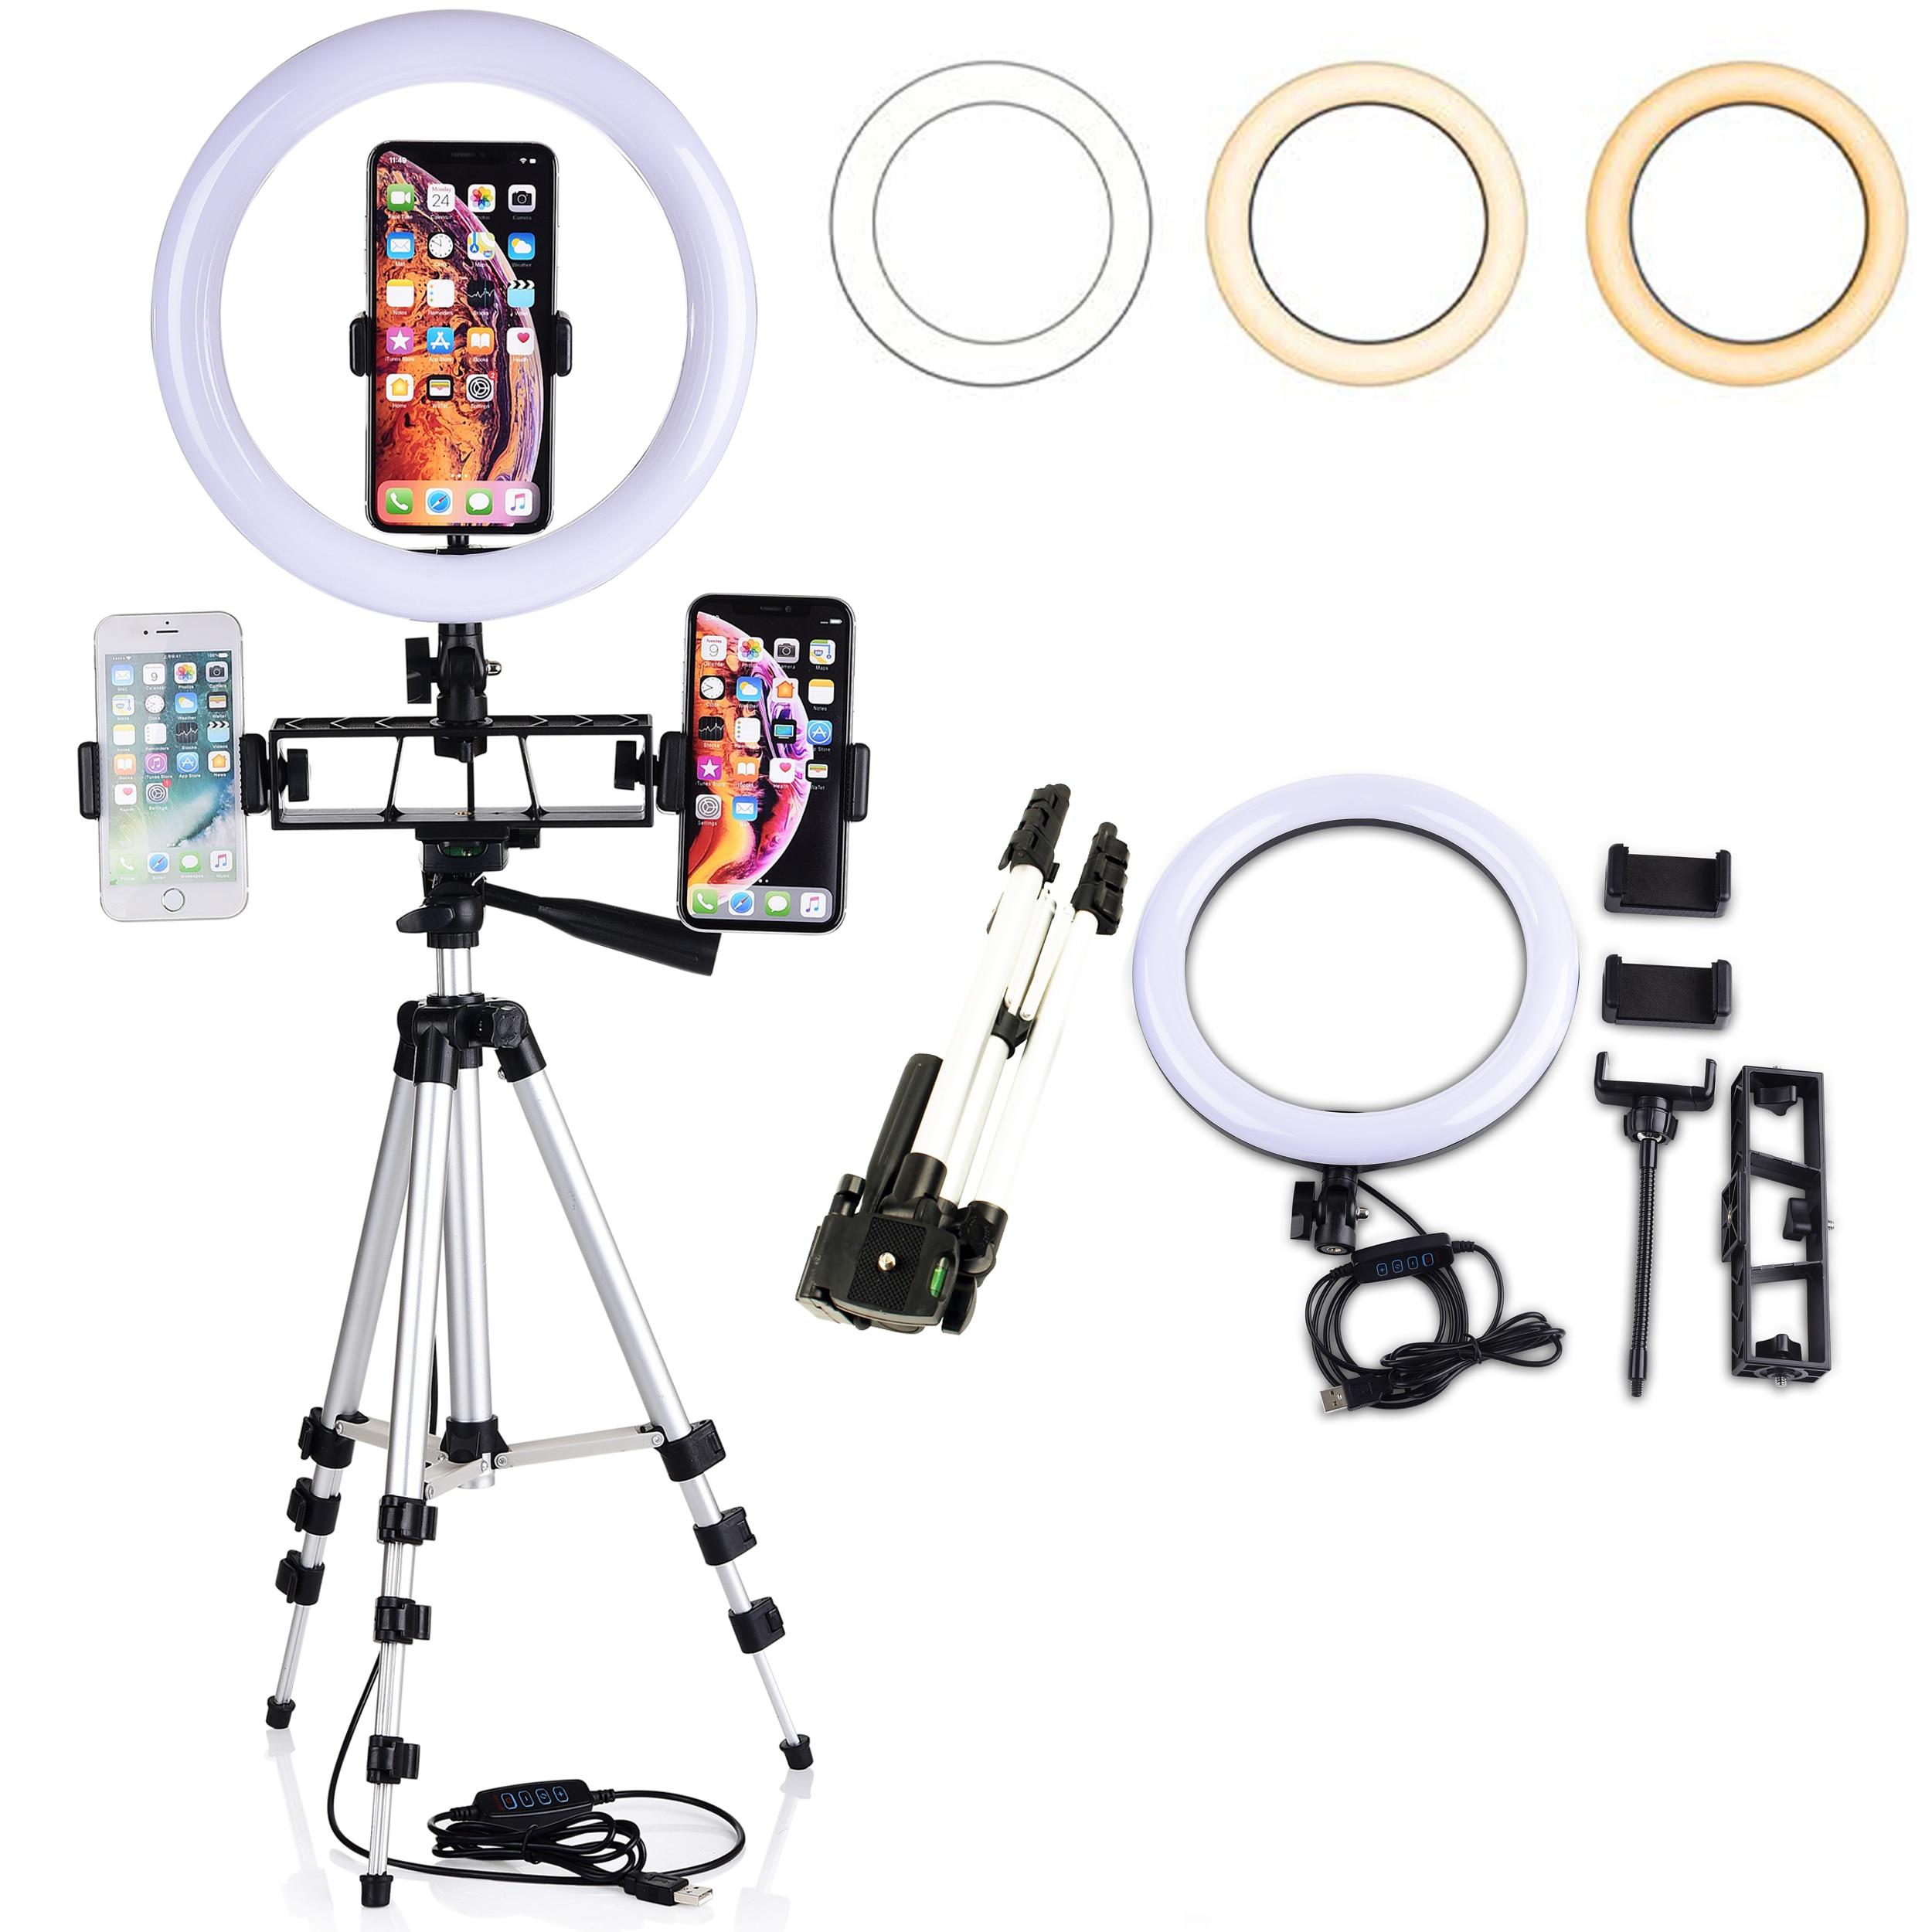 16 26 CM LED anneau lumière photographie Kit Photo Studio caméra lumière maquillage vidéo Selfie lampe de remplissage avec clip de fixation de téléphone et trépied